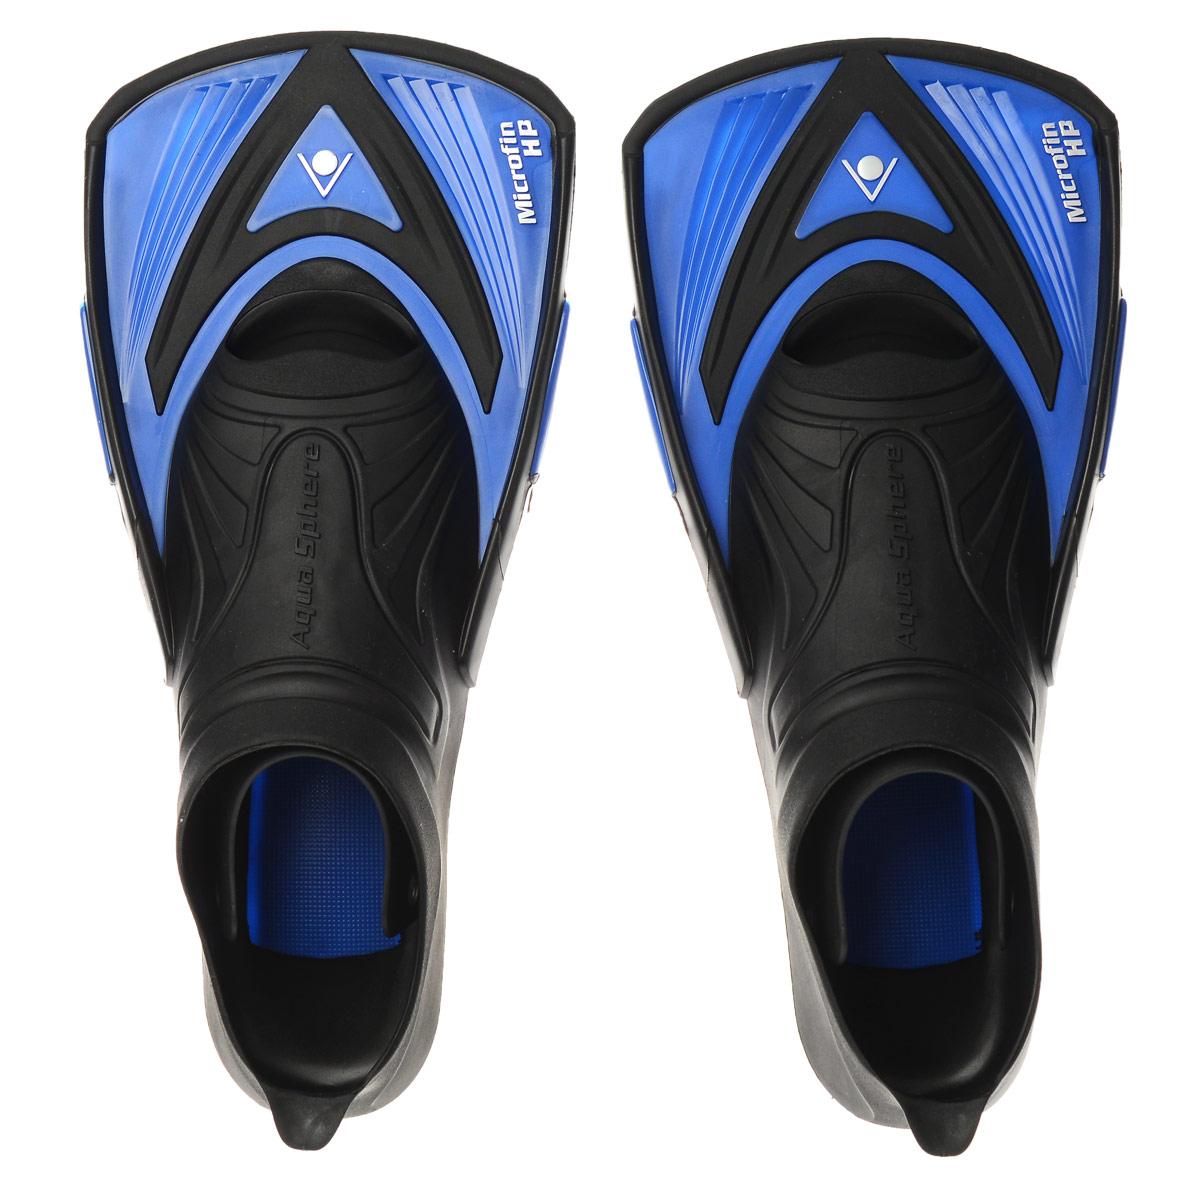 Ласты тренировочные Aqua Sphere Microfin HP, цвет: синий. Размер 34/35TN 221370 (205360)Aqua Sphere Microfin HP - это ласты для энергичной манеры плавания, предназначенные для серьезных спортивных тренировок. Уникальный дизайн ласт обеспечивает достаточное сопротивление воды для силовых тренировок и поддерживает ноги близко к поверхности воды - таким образом, пловец занимает правильное положение, гарантирующее максимальную обтекаемость. Особенности: Галоша с закрытой пяткой выполнена из прочного термопластика. Короткие лопасти удерживают ноги пловца близко к поверхности воды. Позволяют развивать силу мышц и поддерживать их в тонусе, одновременно совершенствуя технику плавания.